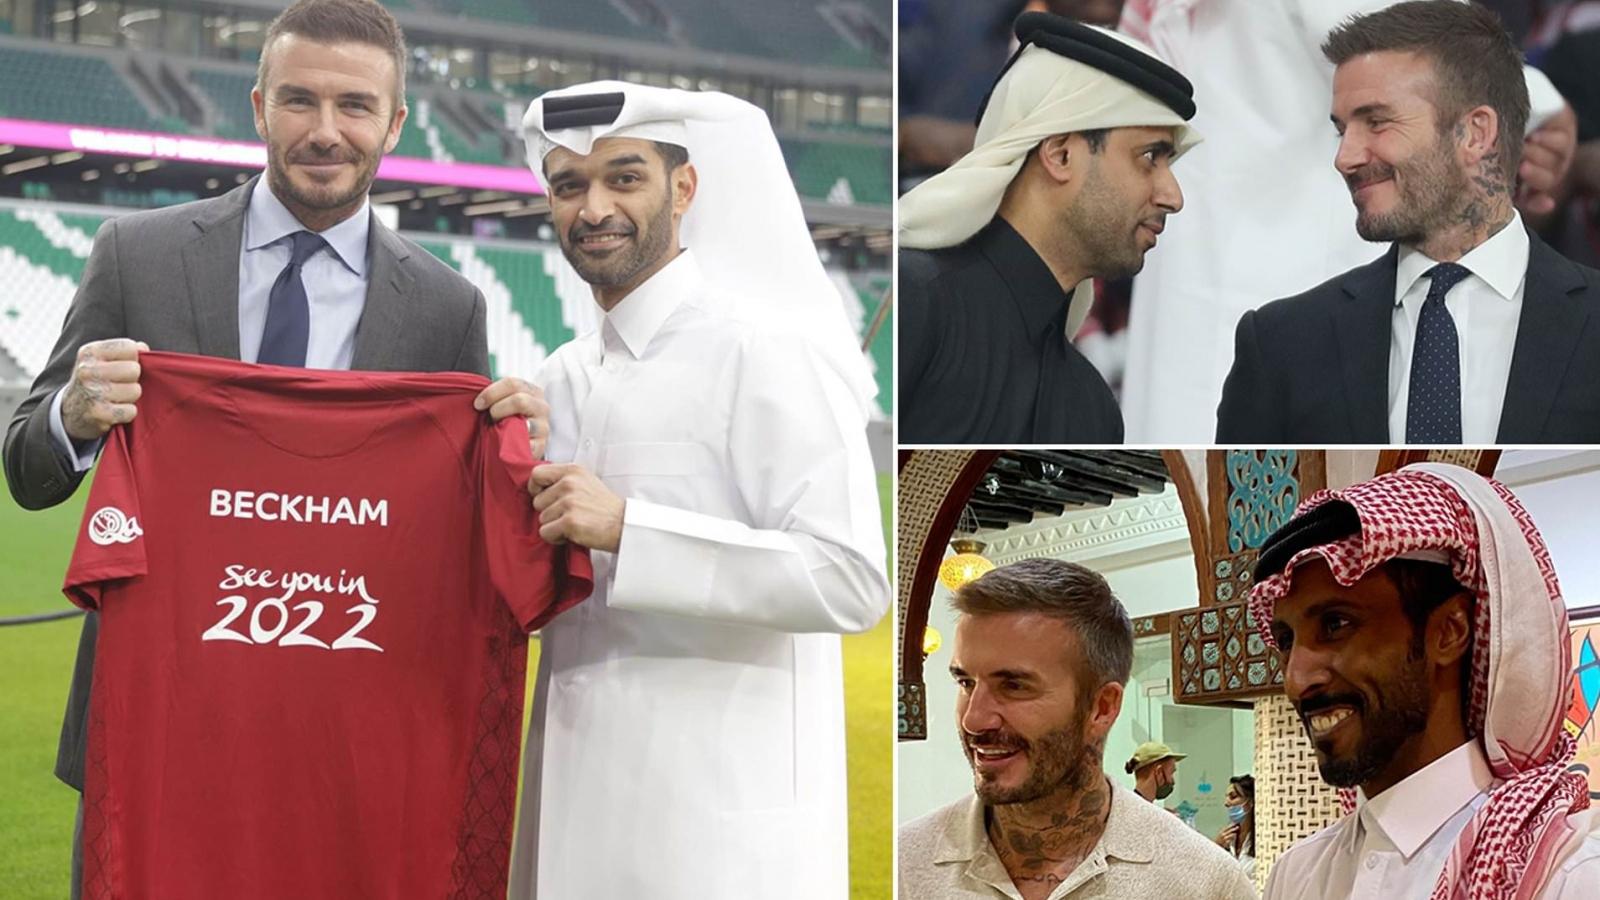 """David Beckham sắp ký hợp đồng """"siêu khủng"""" với nước chủ nhà World Cup 2022"""